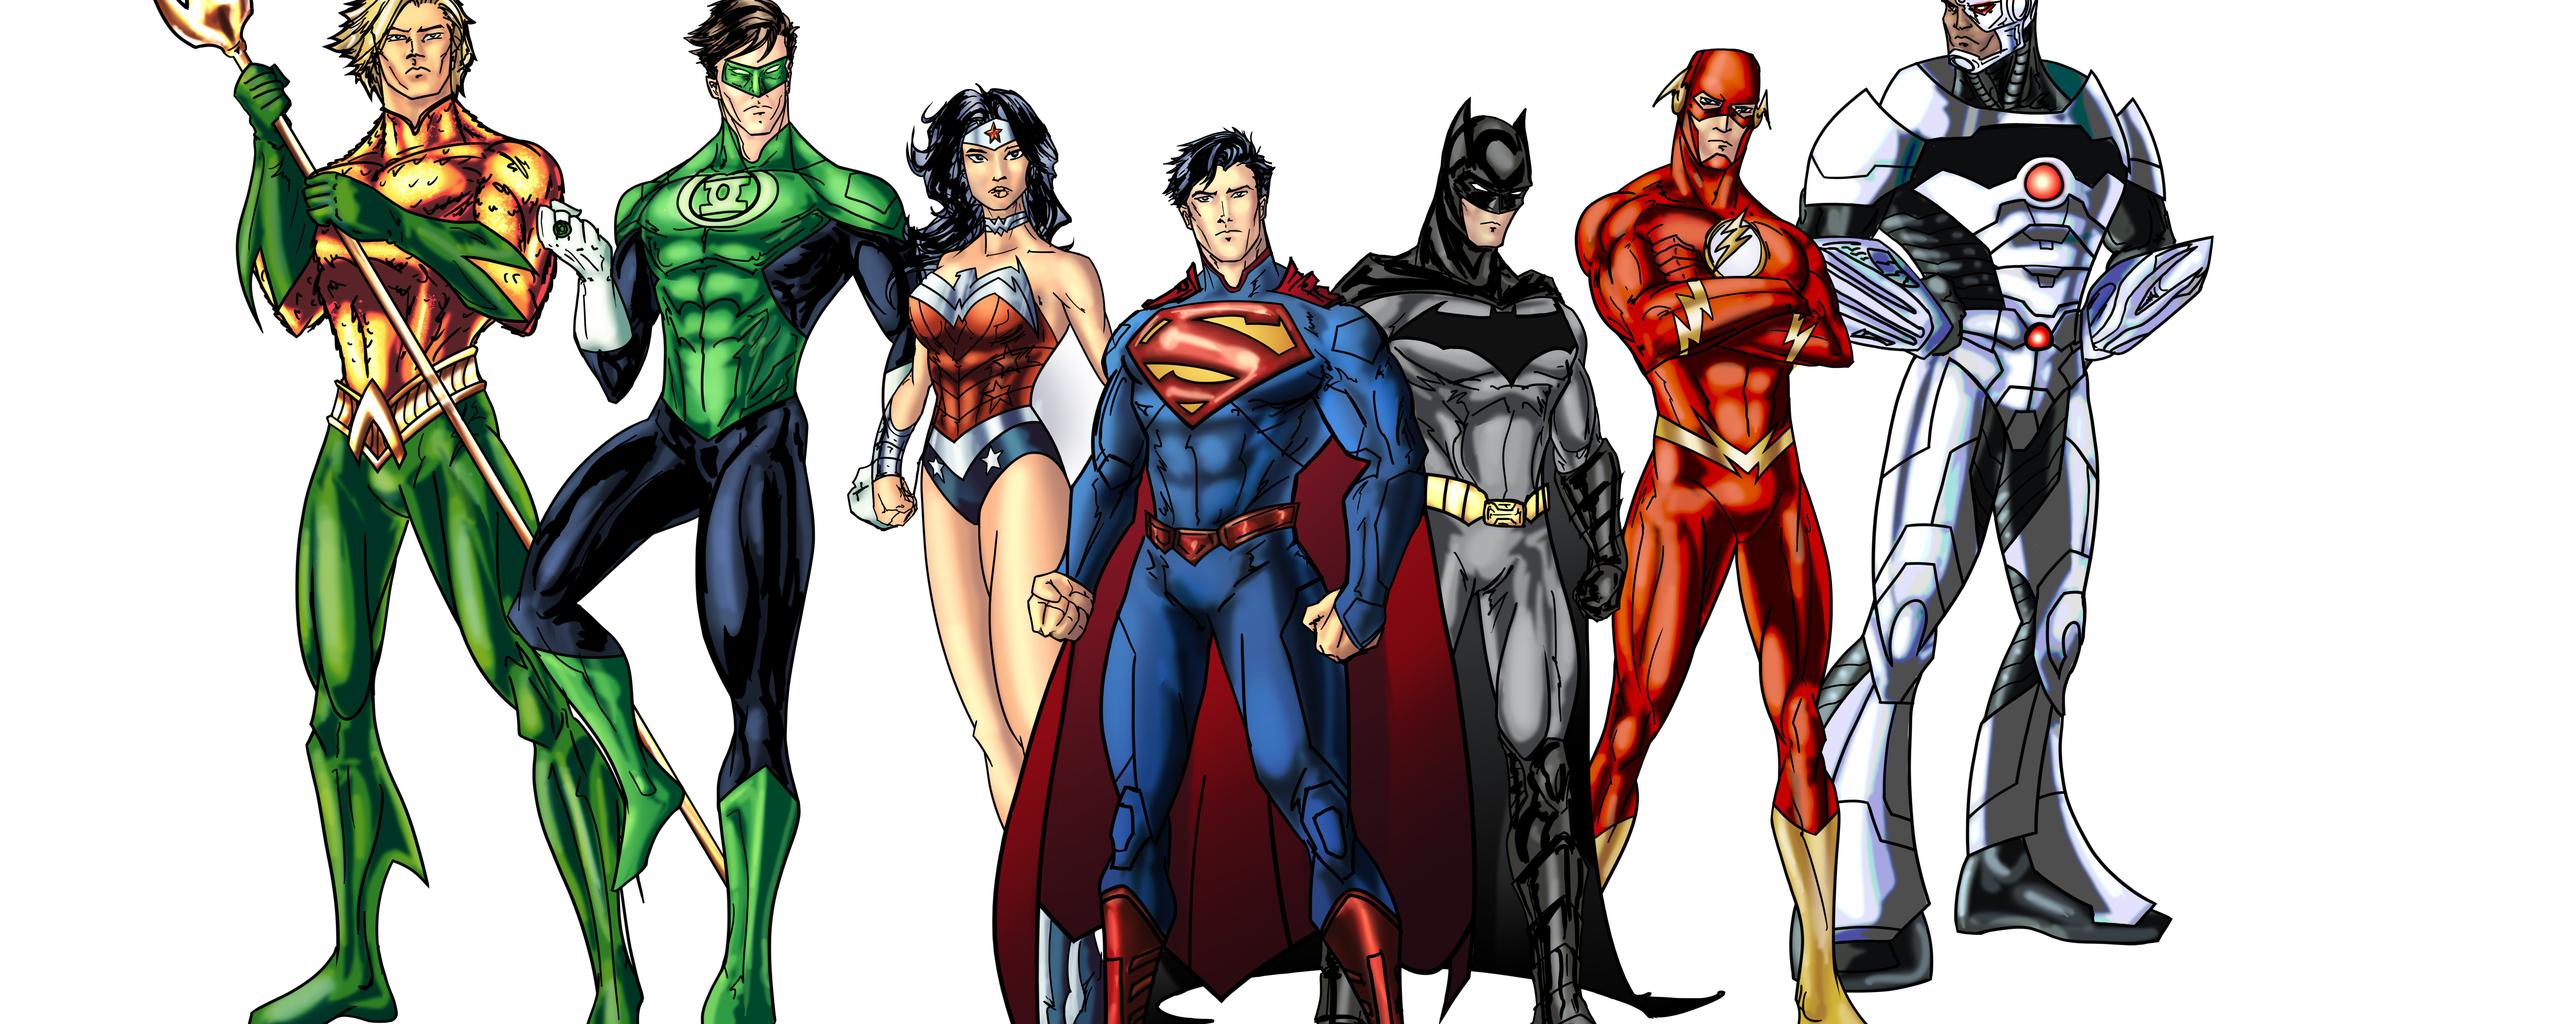 justice-league-art-8k-ci.jpg